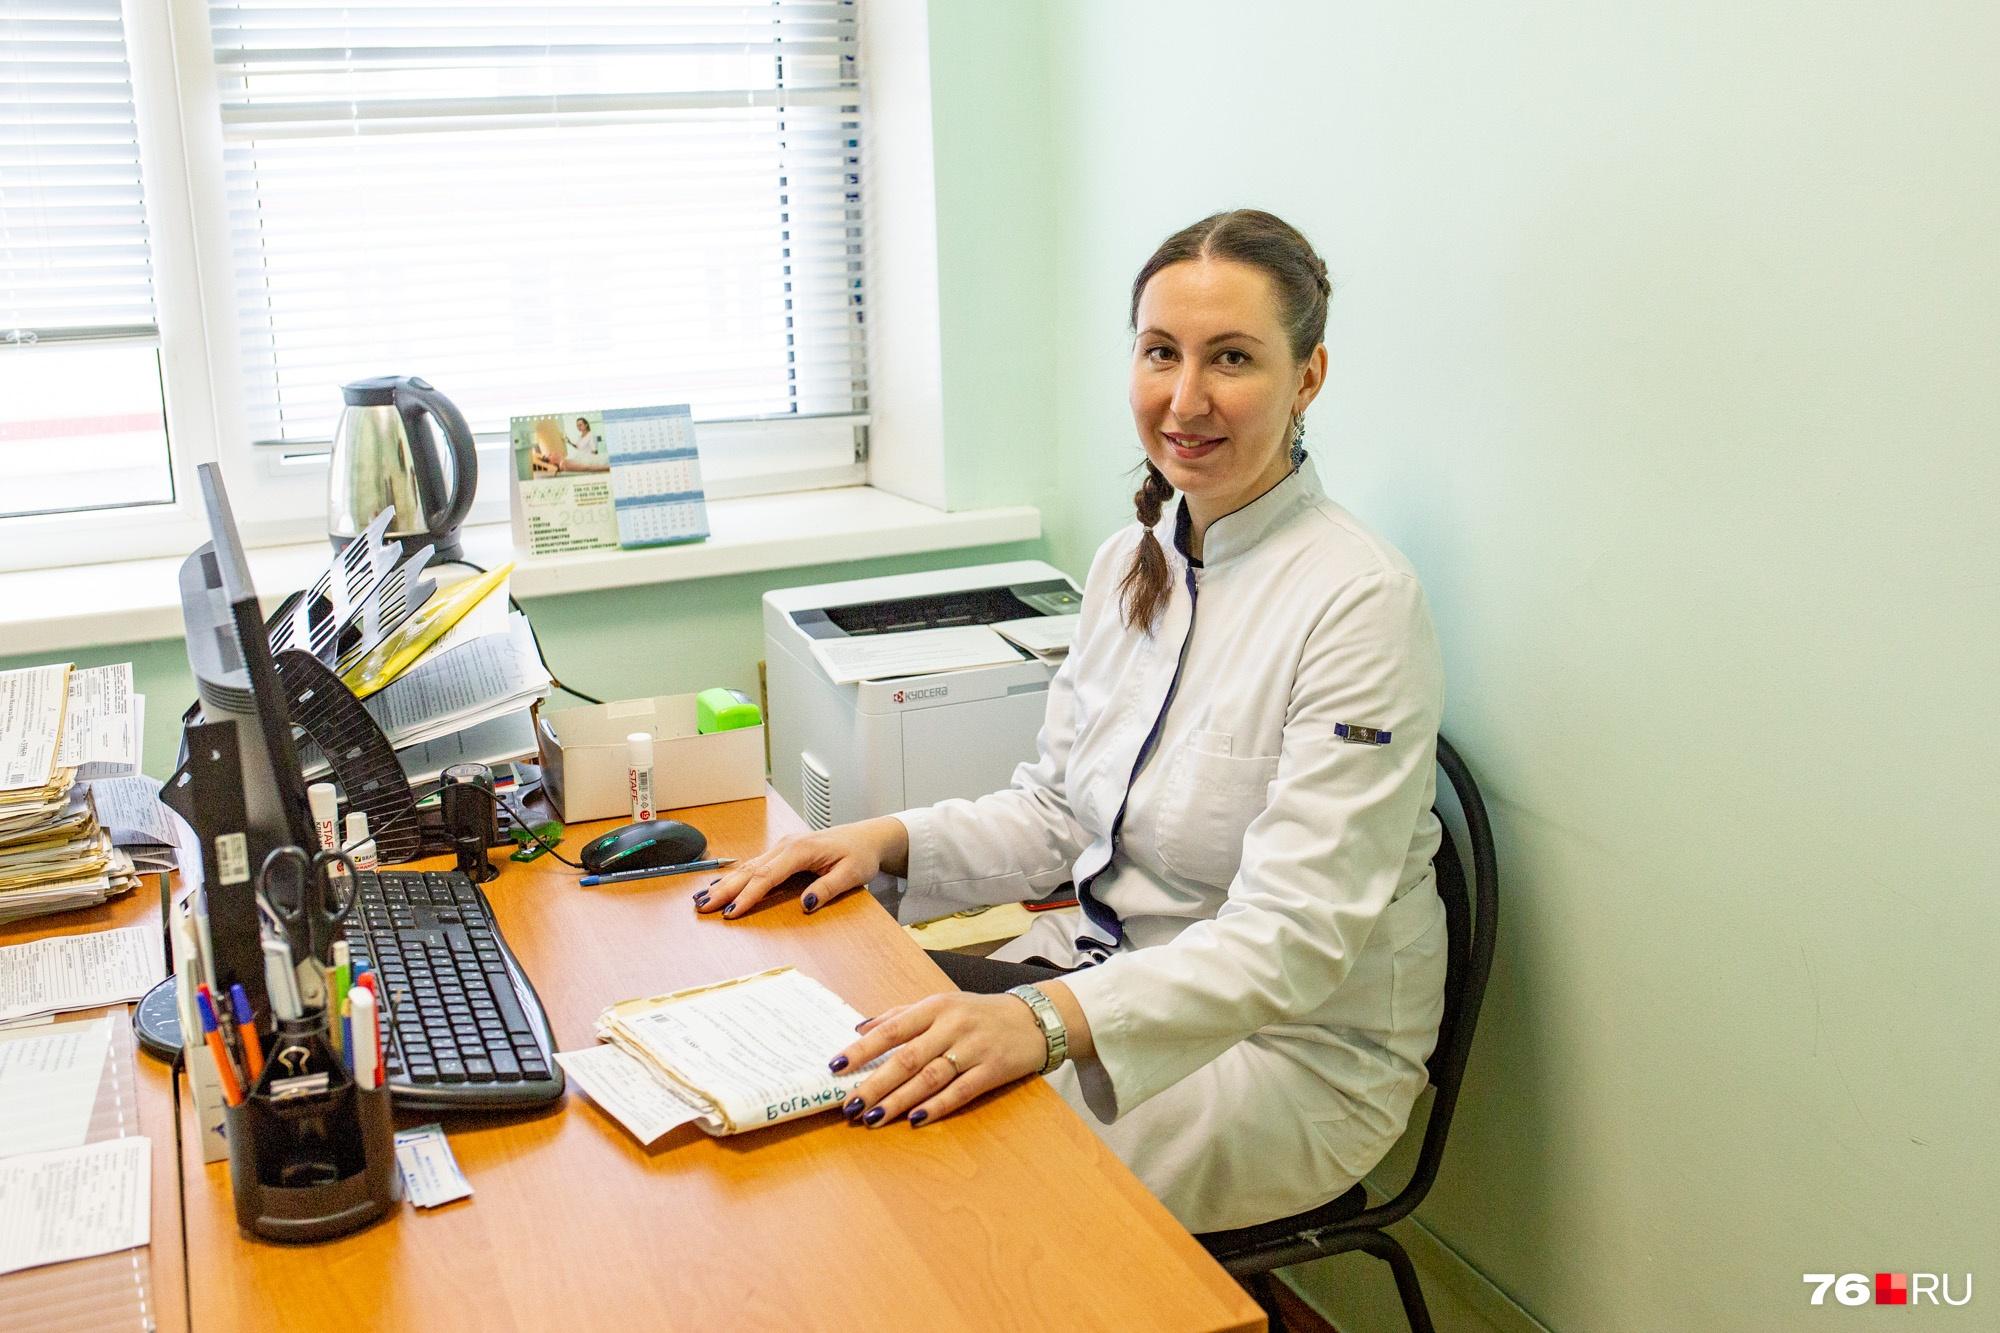 Каждому врачу по программе «Земский доктор» выделяют миллион рублей